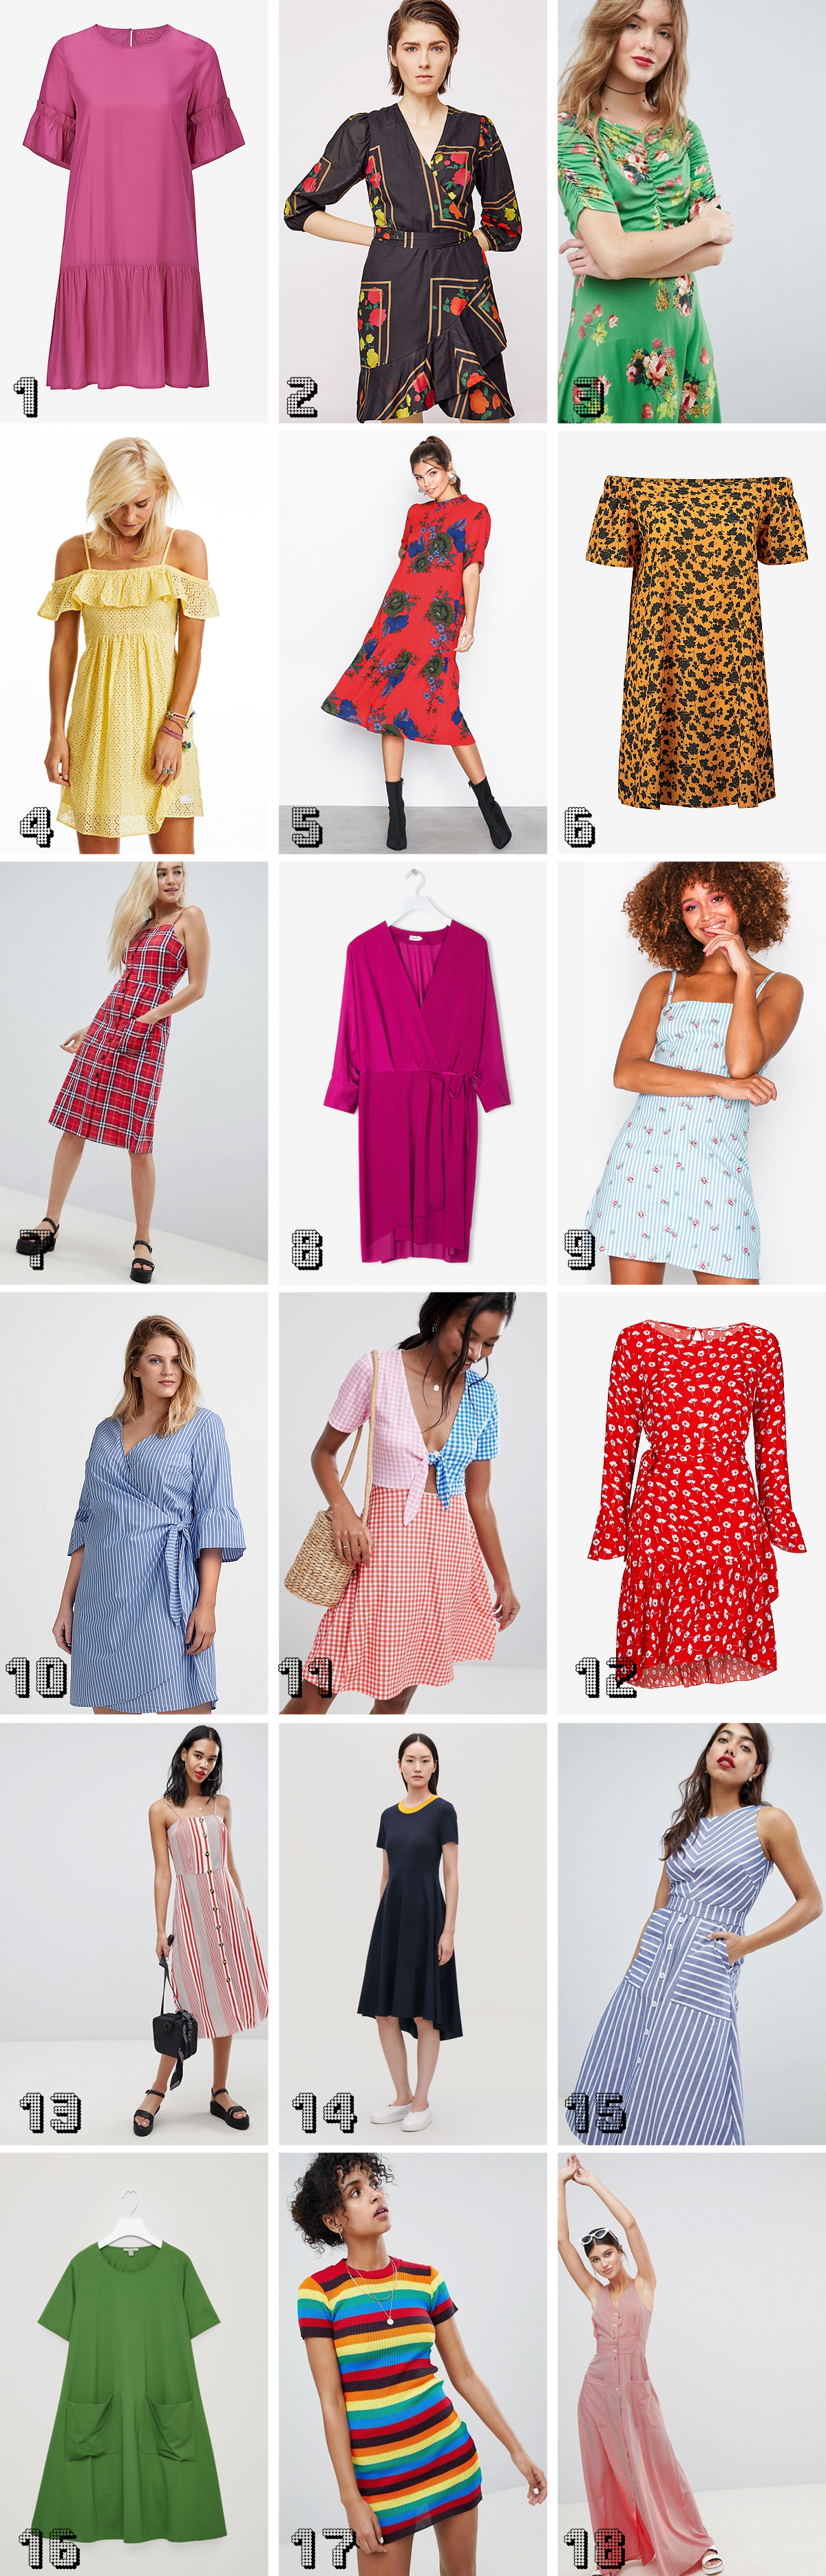 f42a17bb0404 39 kjoler til din sommer